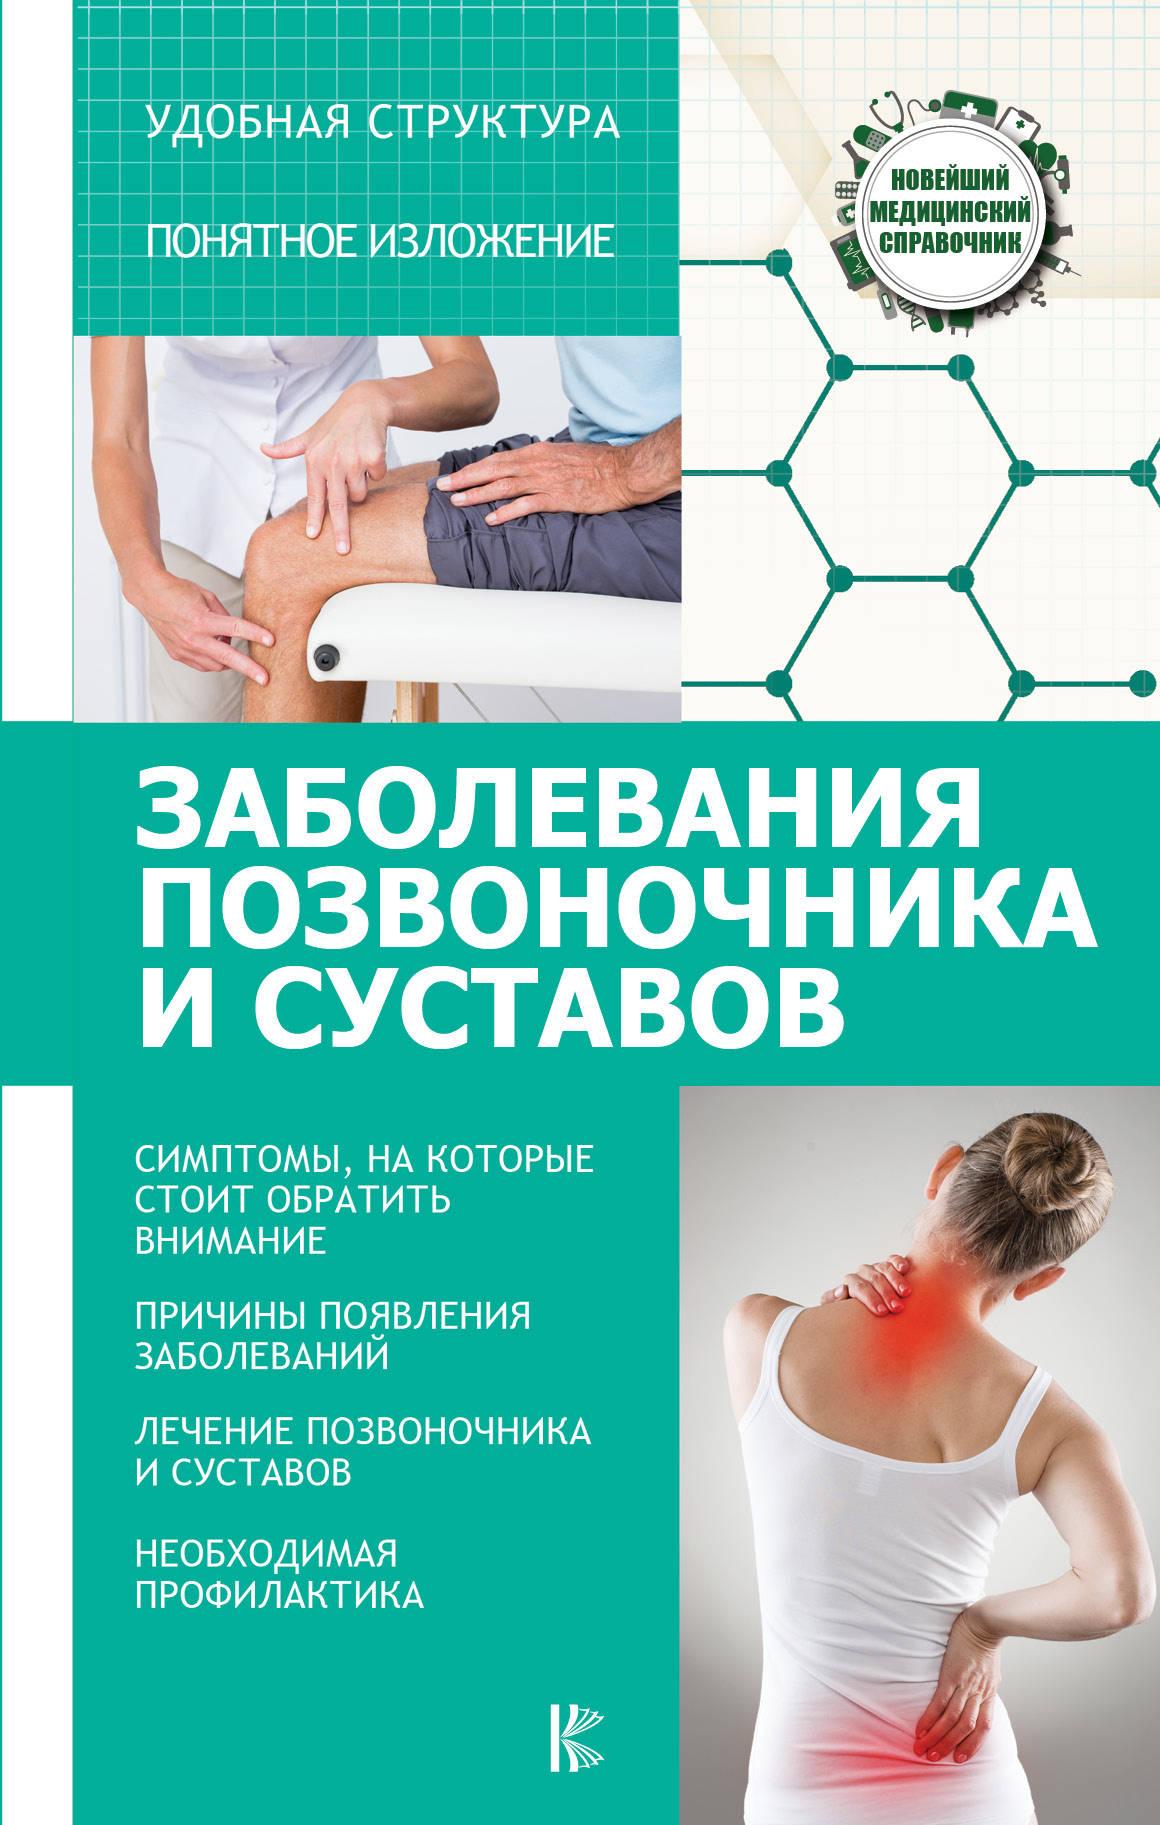 Заболевания позвоночника и суставов ( Савельев Николай Николаевич  )